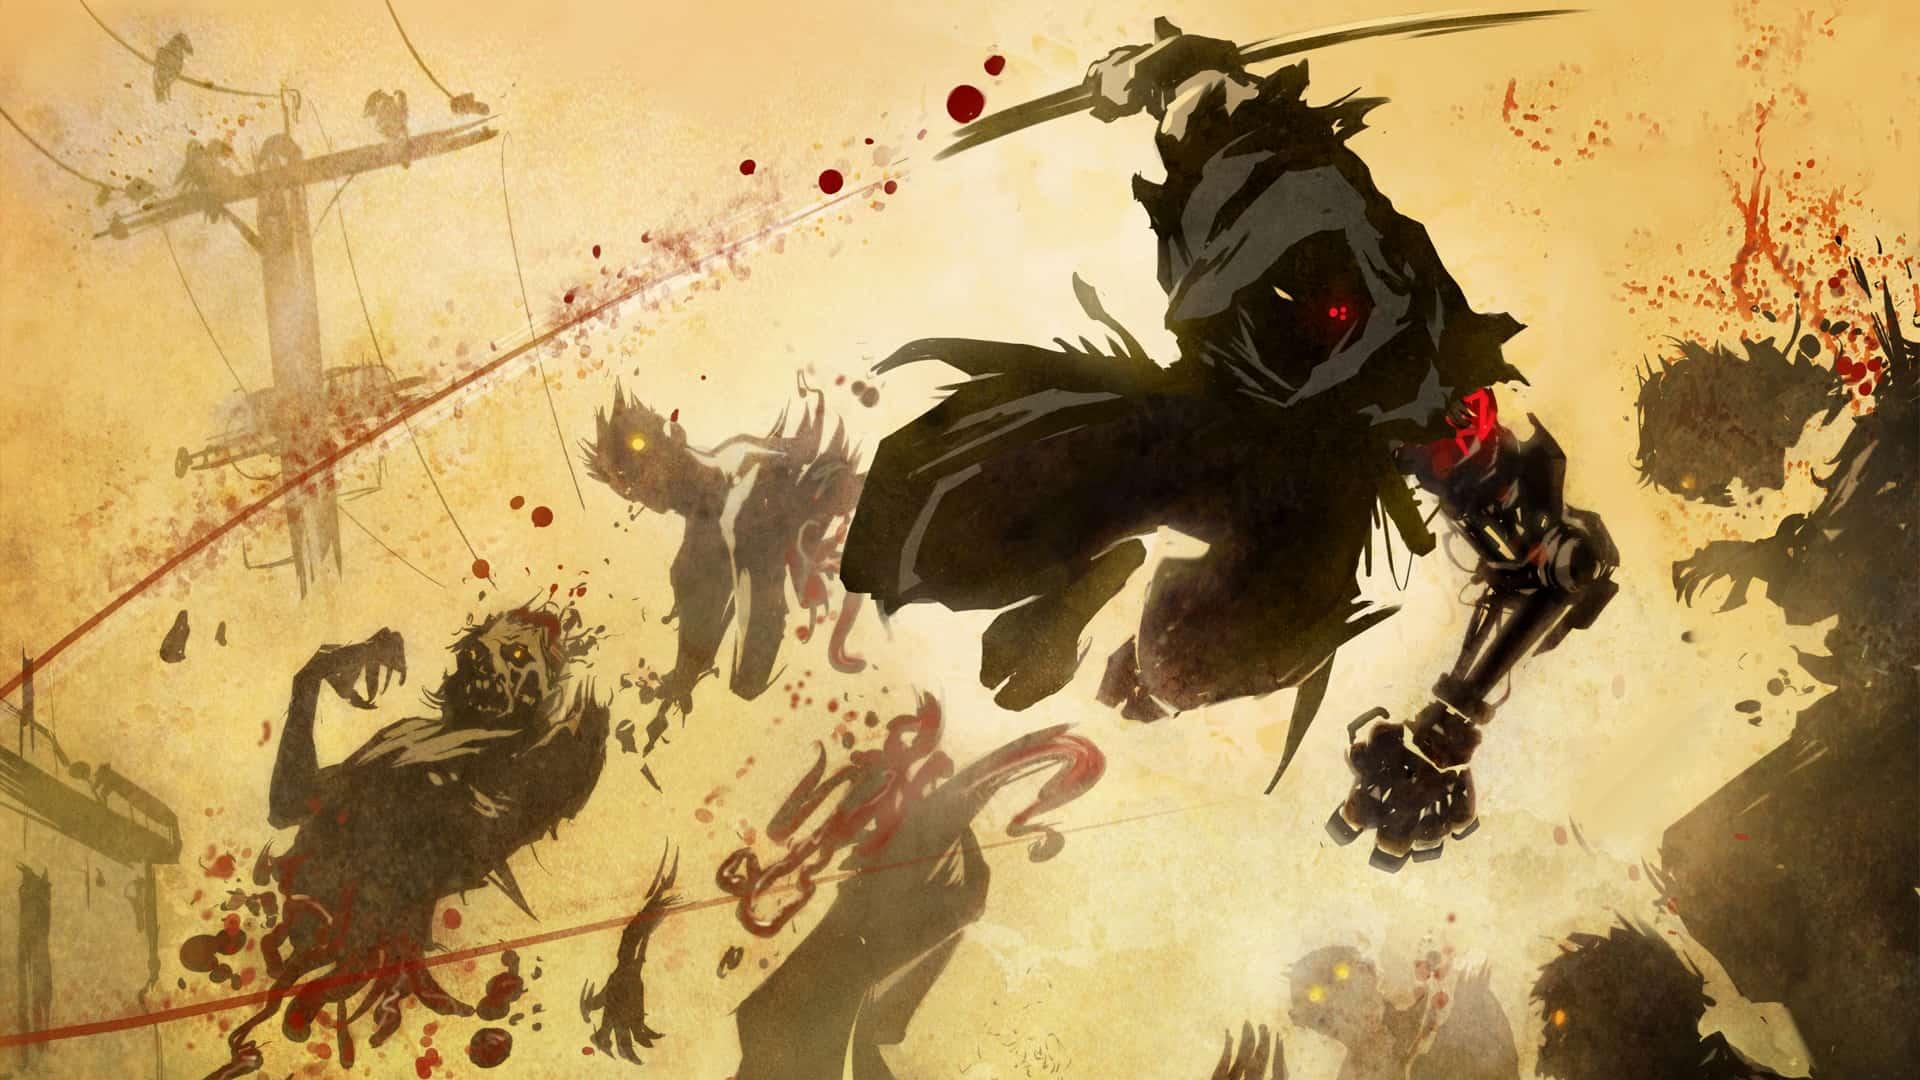 Lo spin-off della serie di Ninja Gaiden è in dirittura d'arrivo